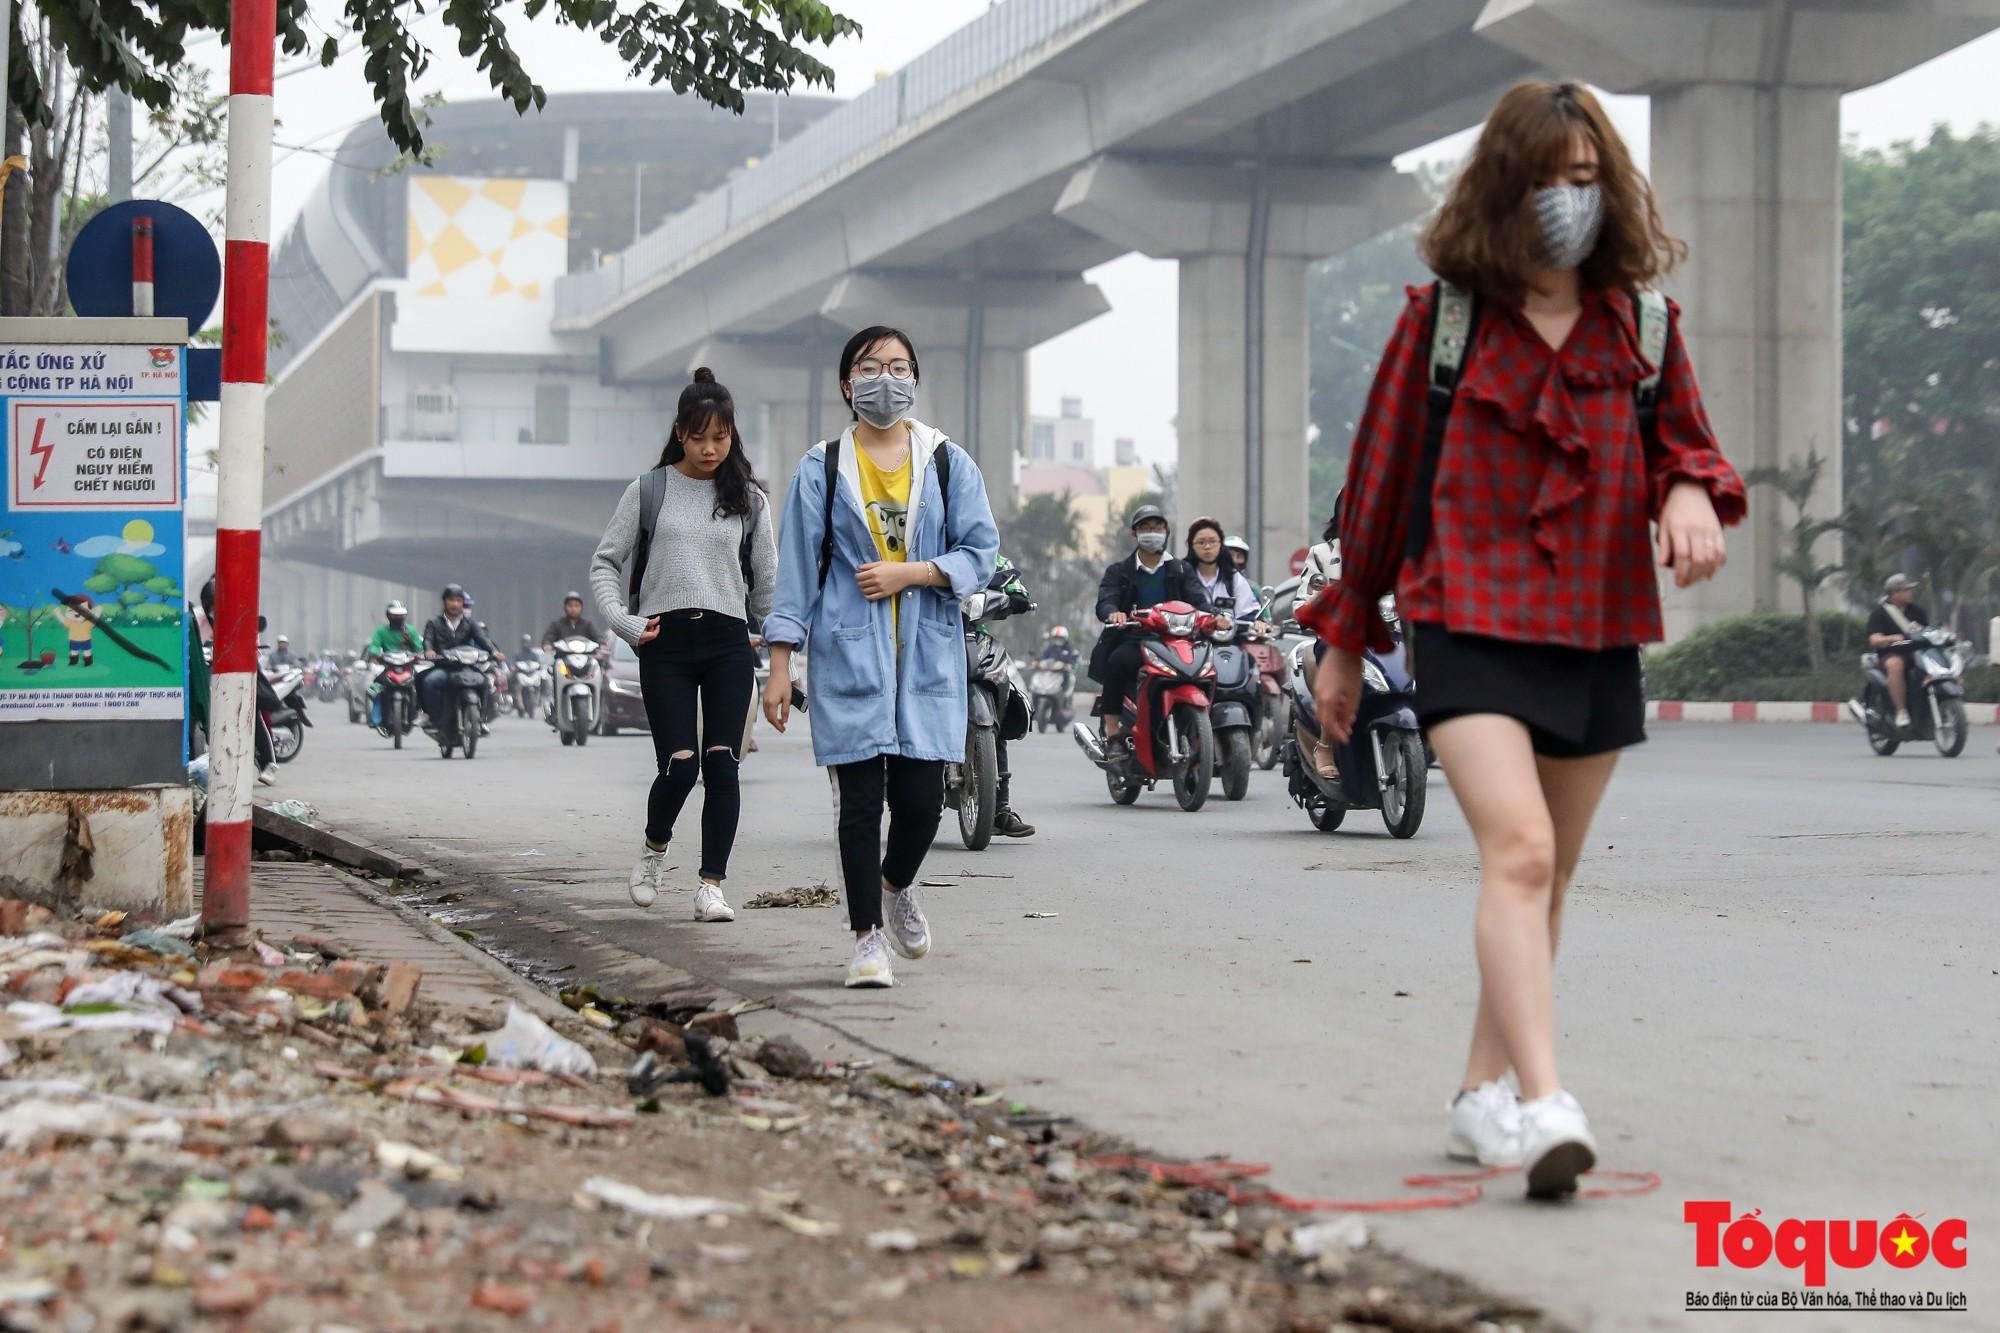 Nhìn những hình ảnh này mới thấy đề xuất cấm xe máy 6 tuyến phố Hà Nội là vô cảm với người dân nghèo - Ảnh 16.